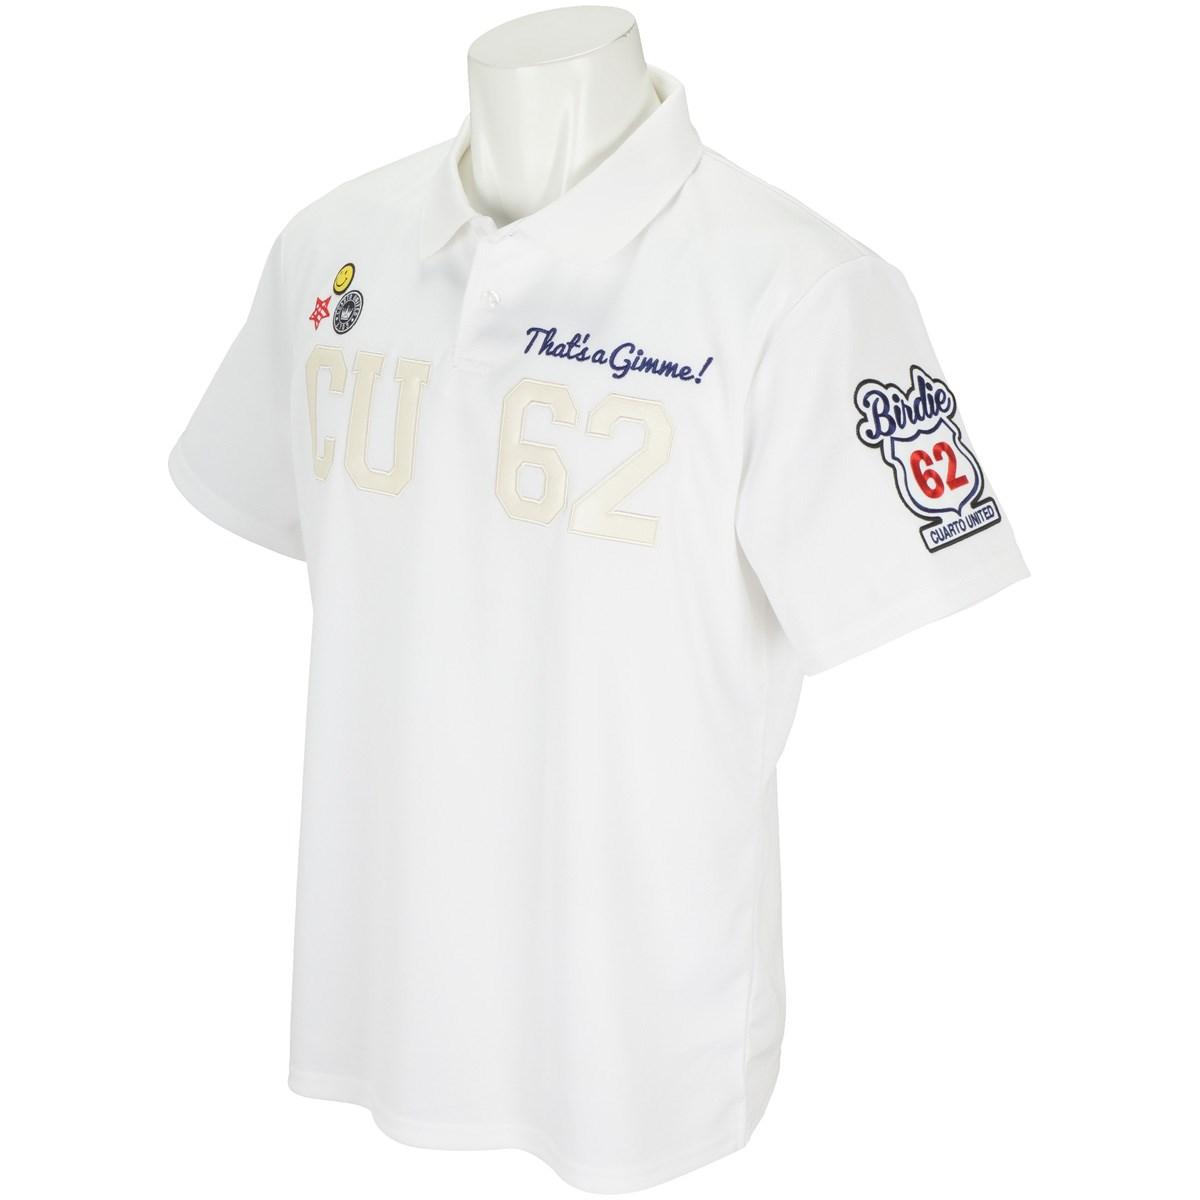 クアルトユナイテッド CU62刺繍半袖ポロシャツ